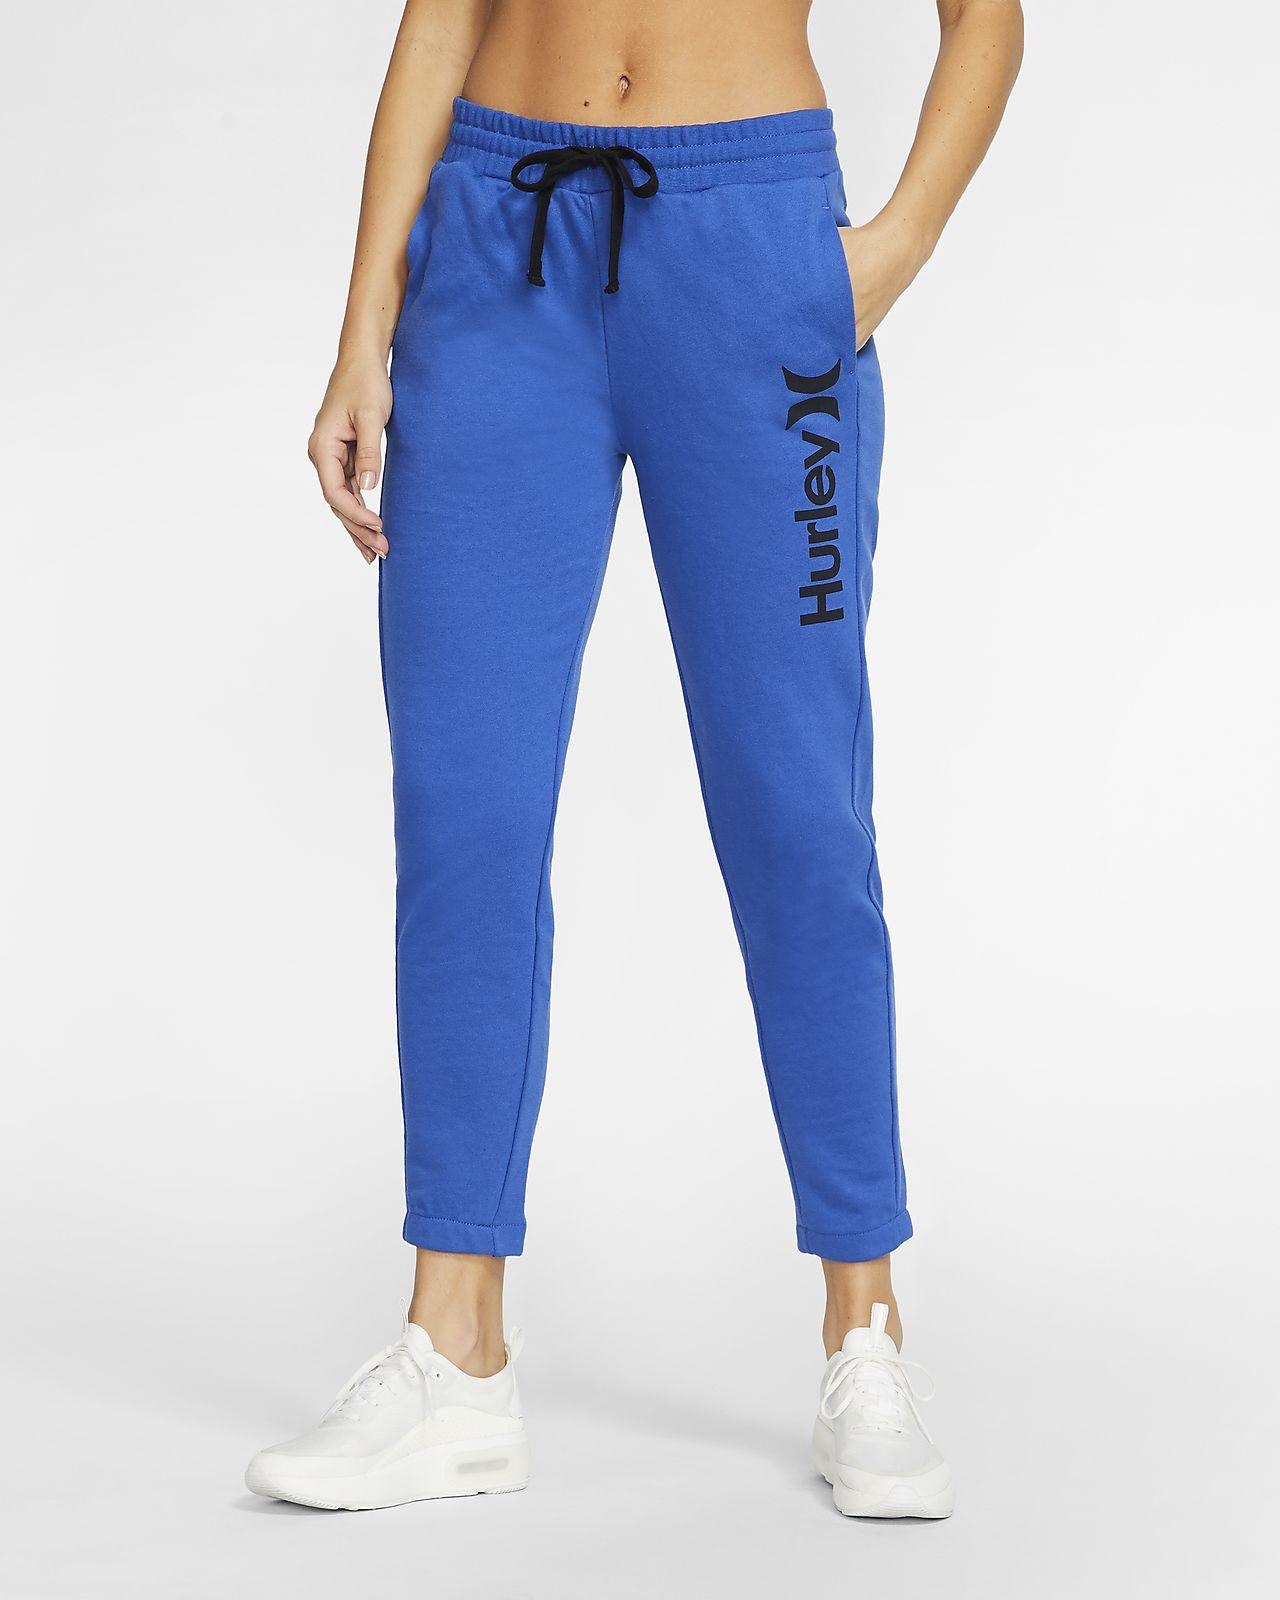 Pantalones de entrenamiento de tejido Fleece para mujer Hurley One And Only